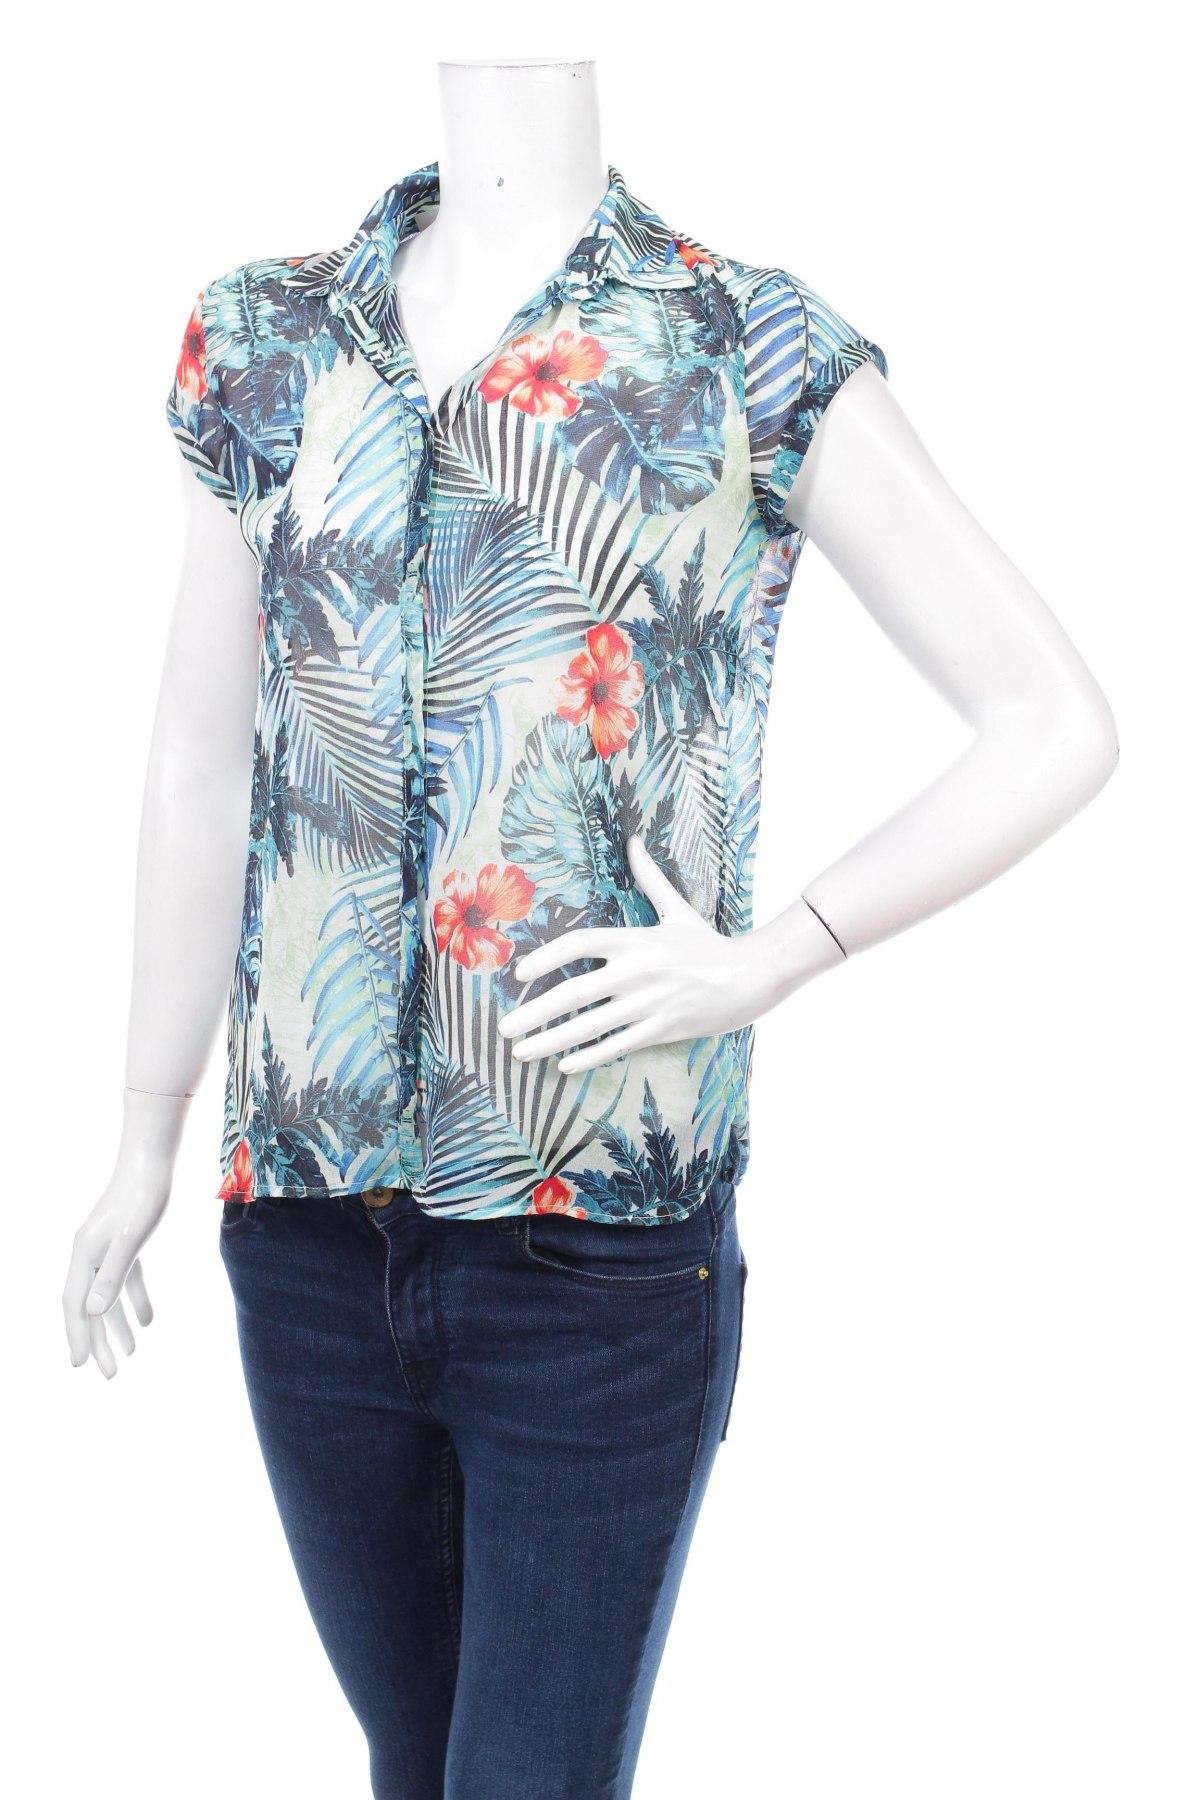 Γυναικείο πουκάμισο Mango, Μέγεθος M, Χρώμα Πολύχρωμο, 100% πολυεστέρας, Τιμή 13,40€